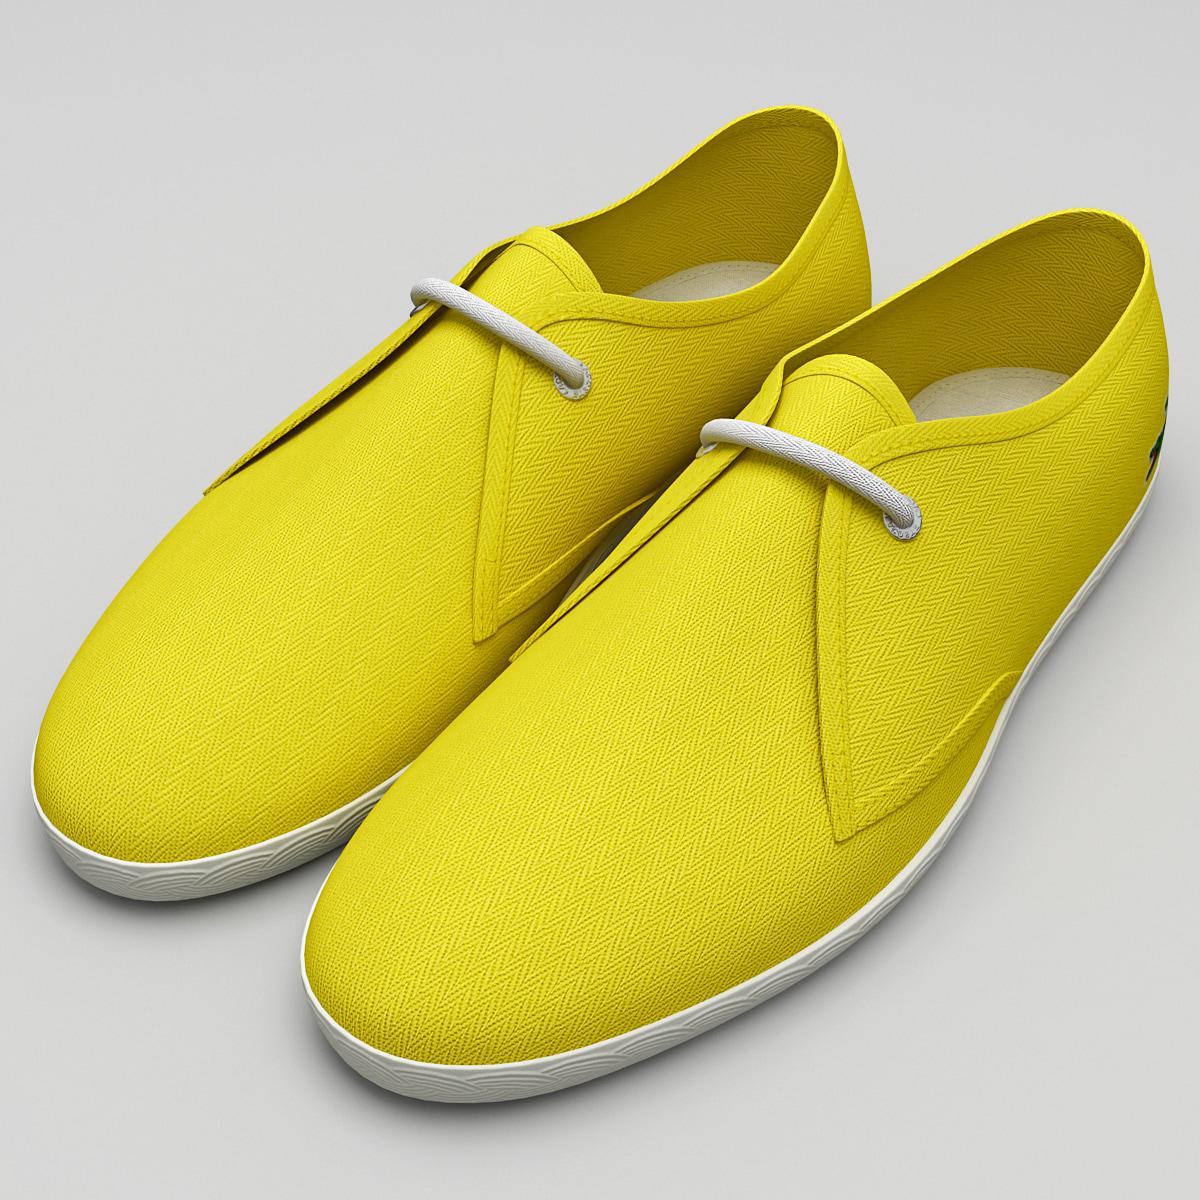 Mans_Shoes_Lacoste_0001.jpg